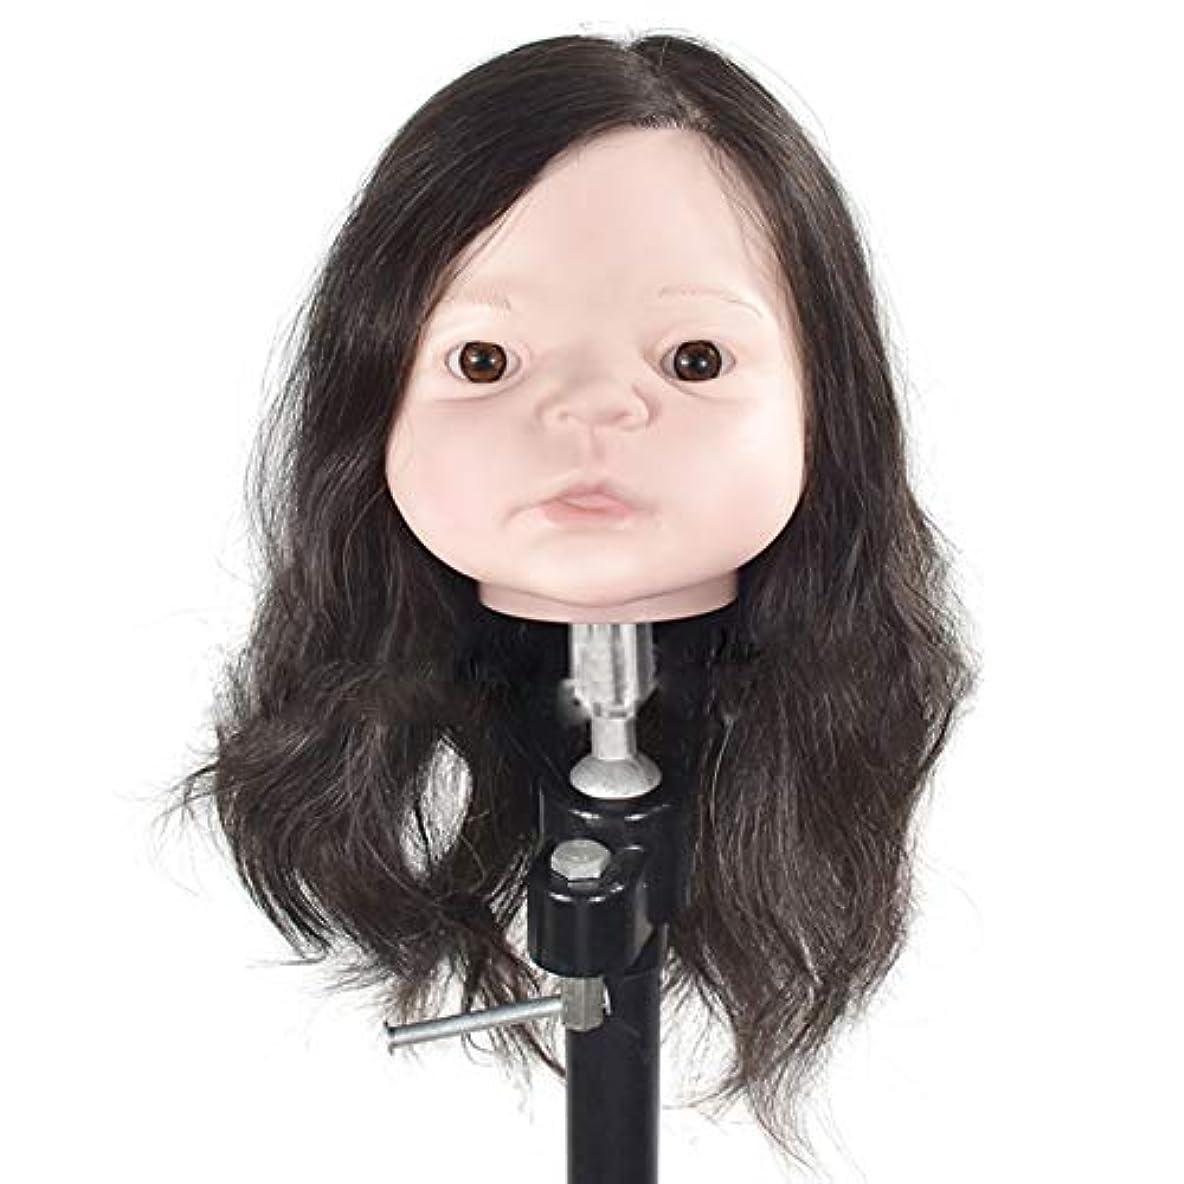 間違いなく気づくバンジョー専門の練習ホット染色漂白鋏モデリングマニアックヘッド編み髪のかつら模型人形ティーチングヘッド